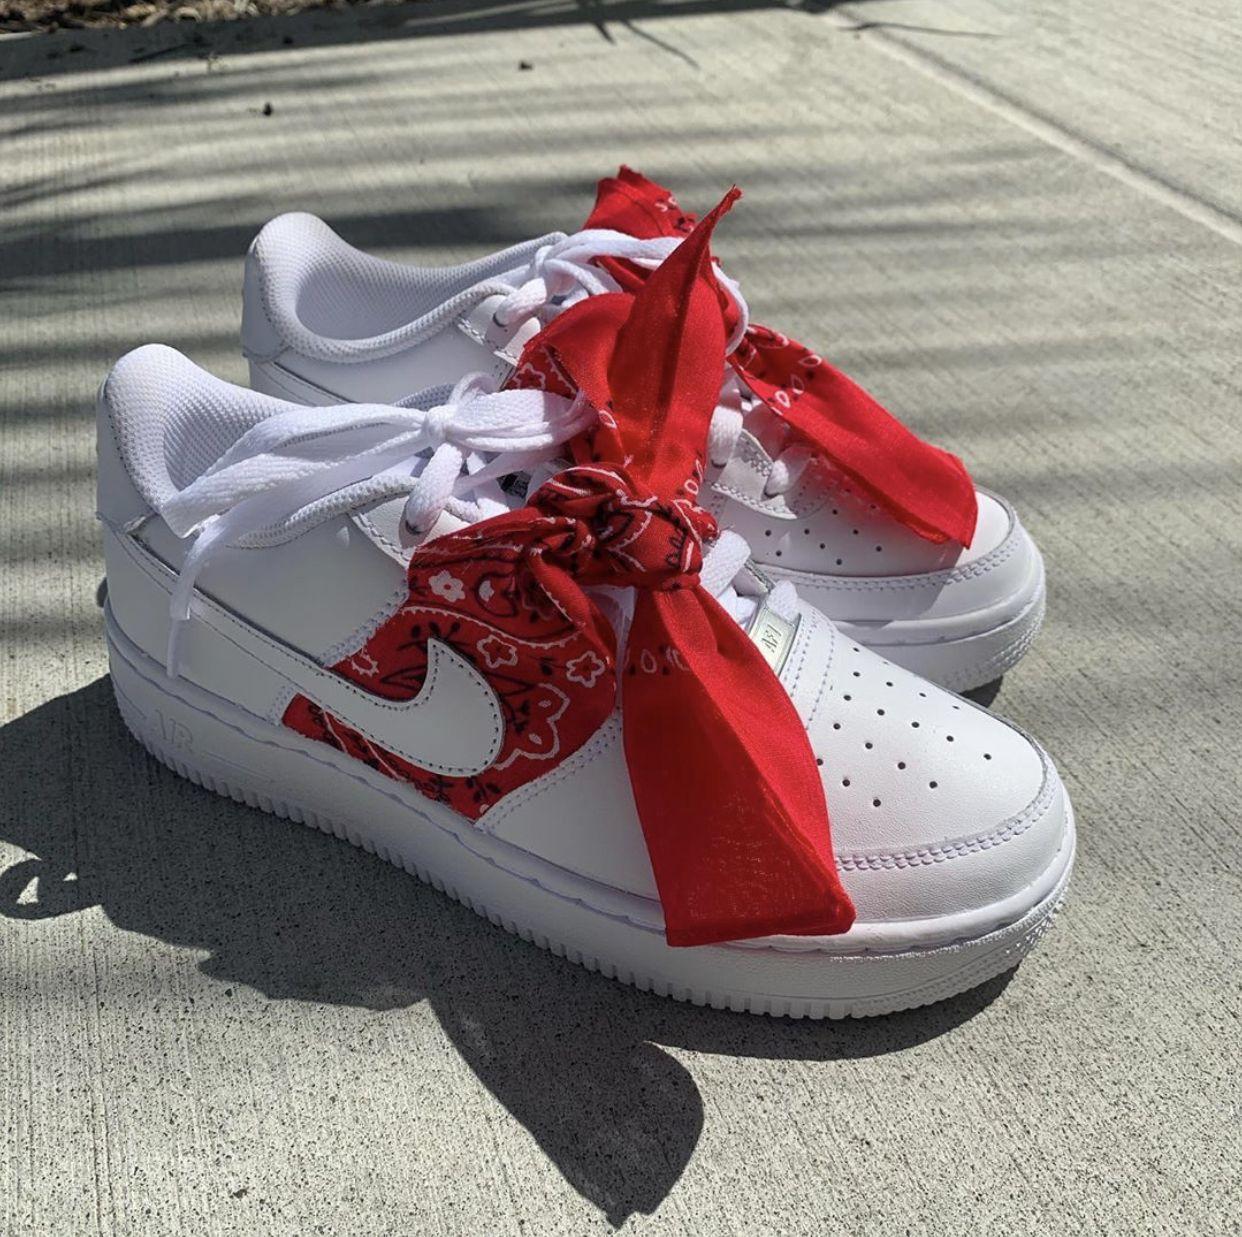 Red Bandana Air Force 1s em 2020 Sapatos, Sapatilhas e